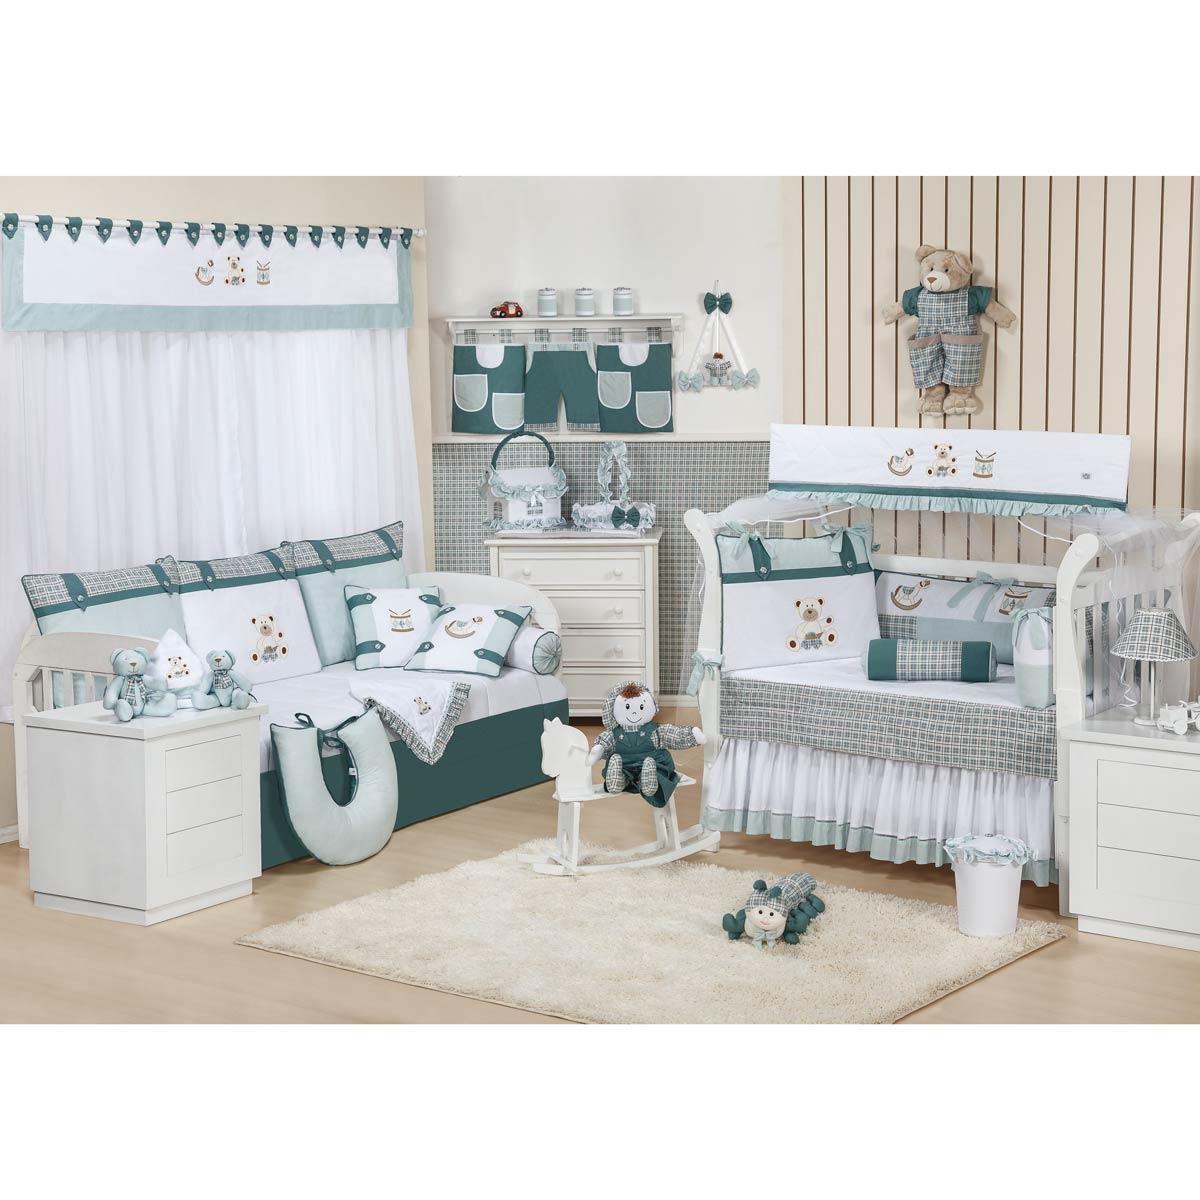 Rolinho Avulso para Quarto de Bebê - Coleção Brinquedos Baby